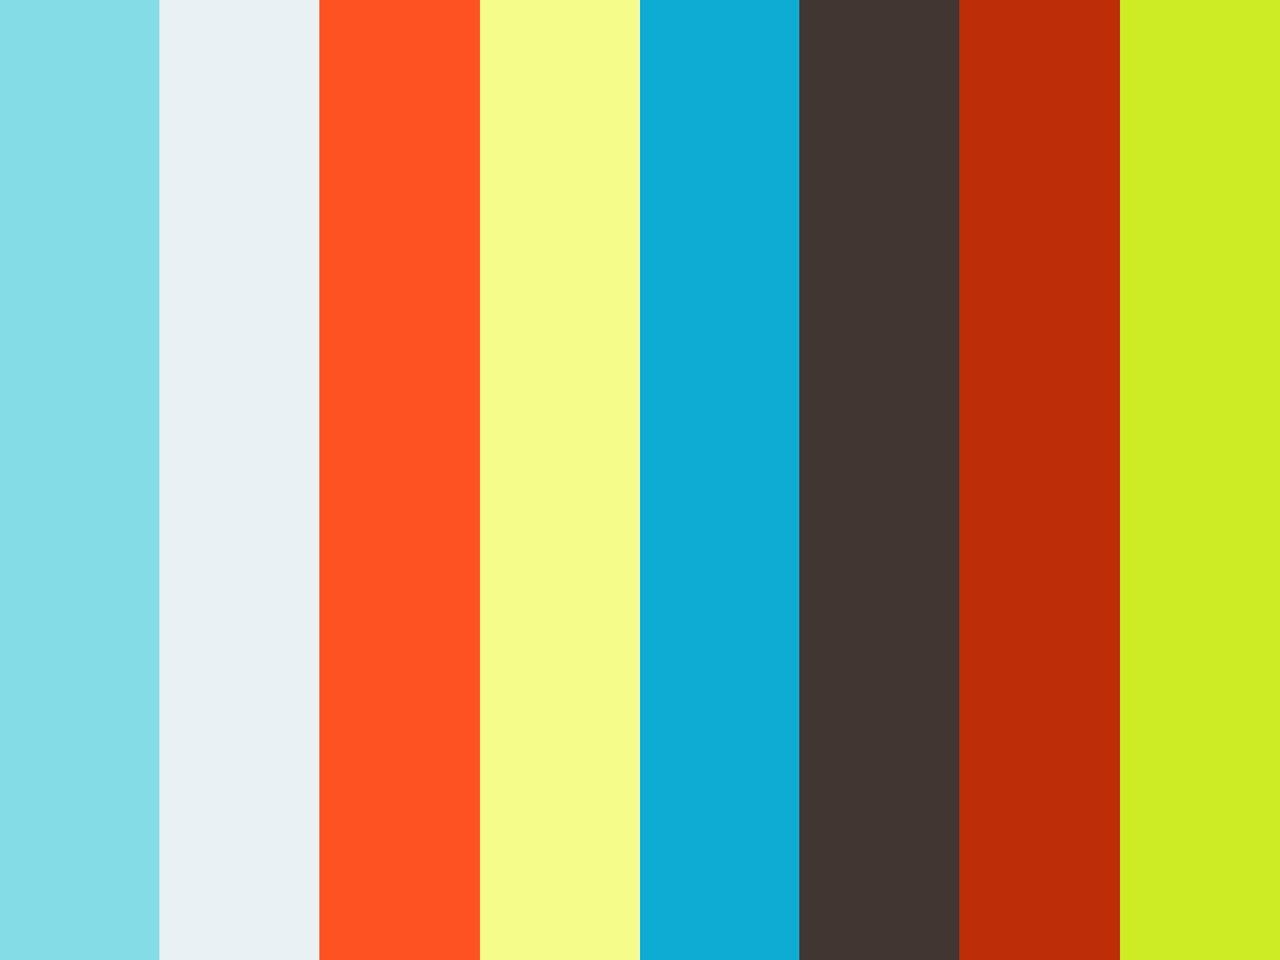 002826 - Assuconsulting - 16 - Overlijden